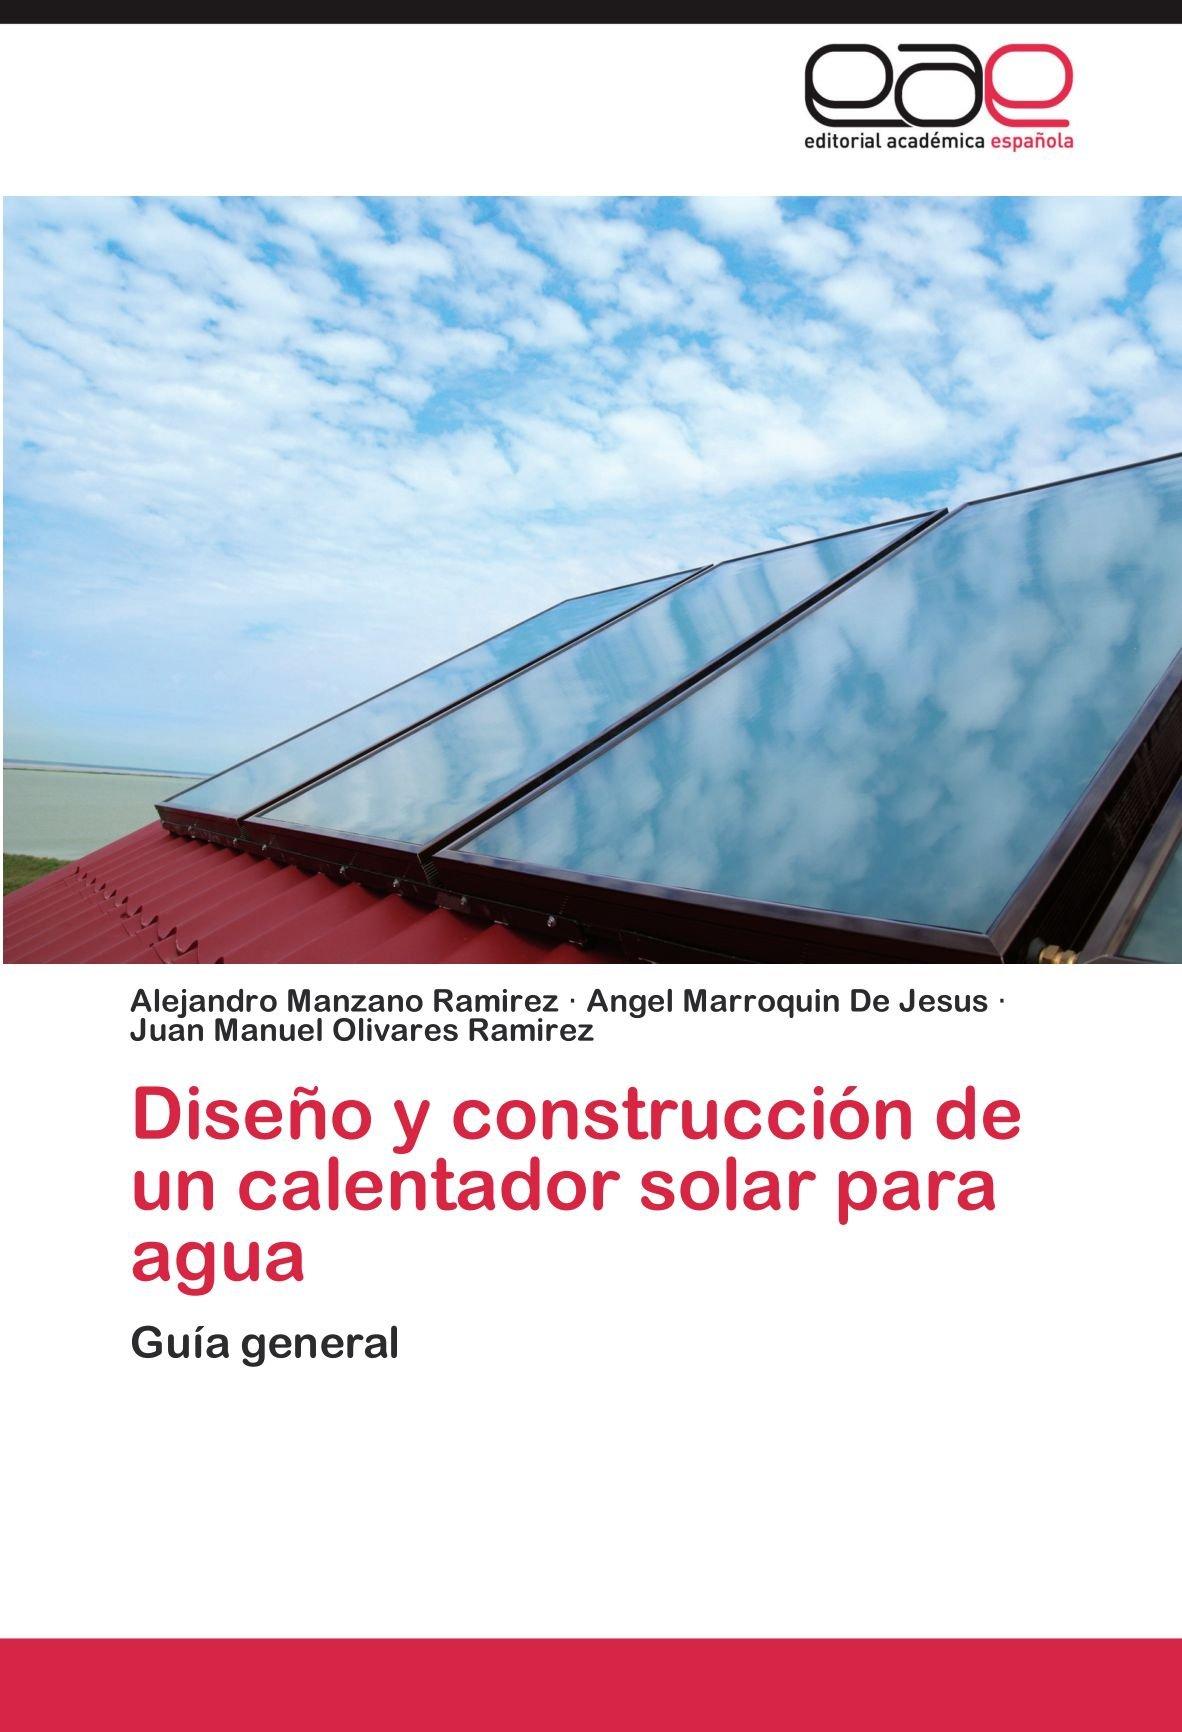 Calentador de agua solar queretaro